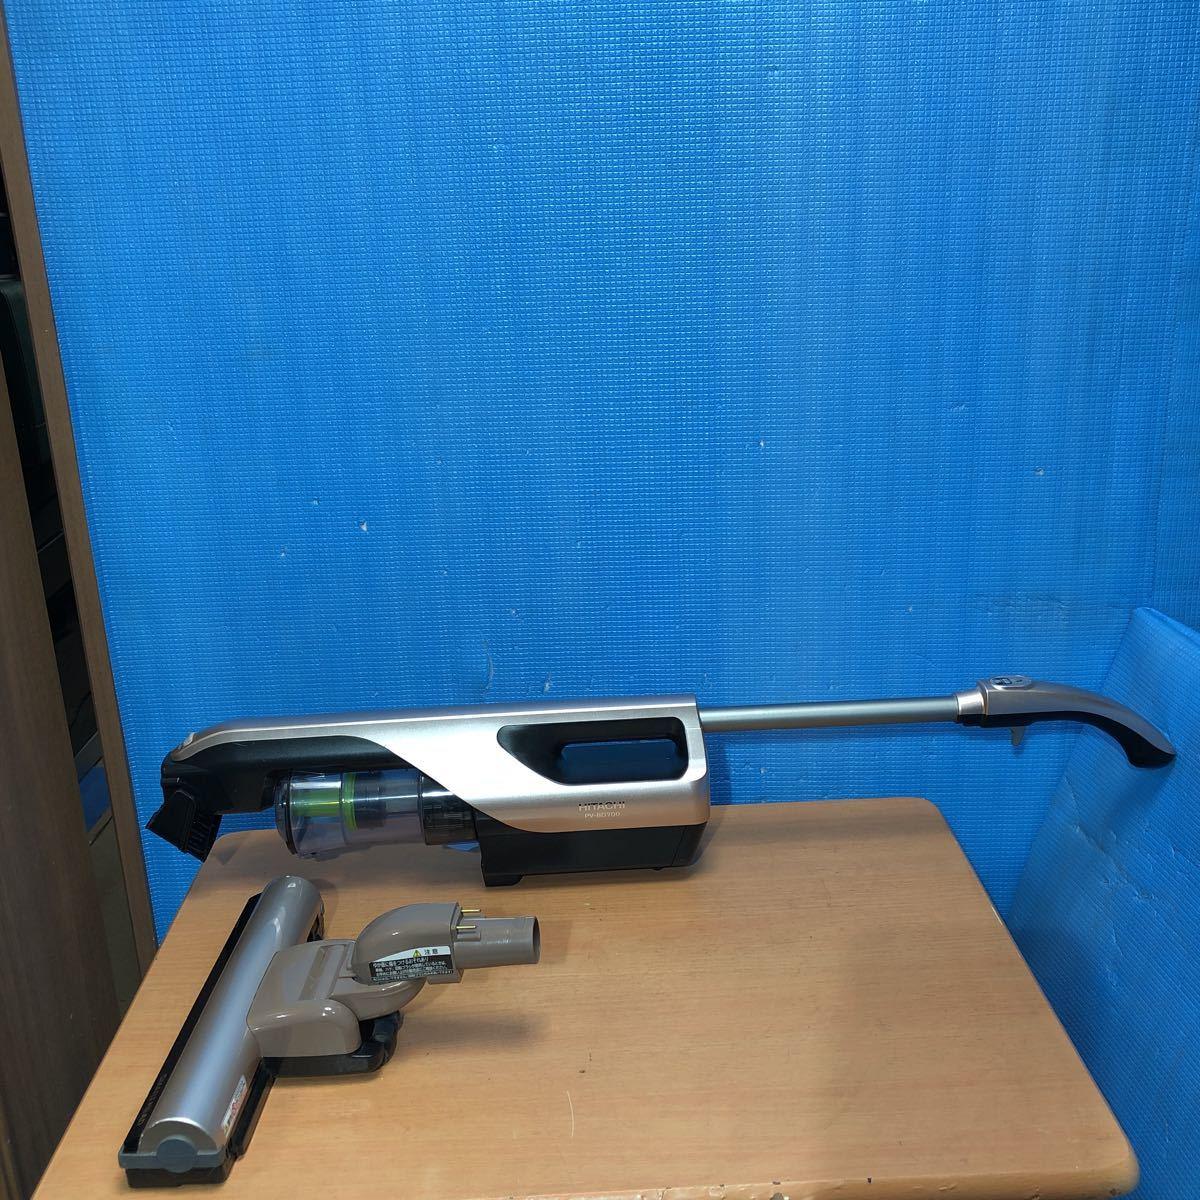 HITACHI パワーブースト サイクロン式コードレスクリーナー PV-BD700 16年製 店舗展示サンプル用実演機_画像3